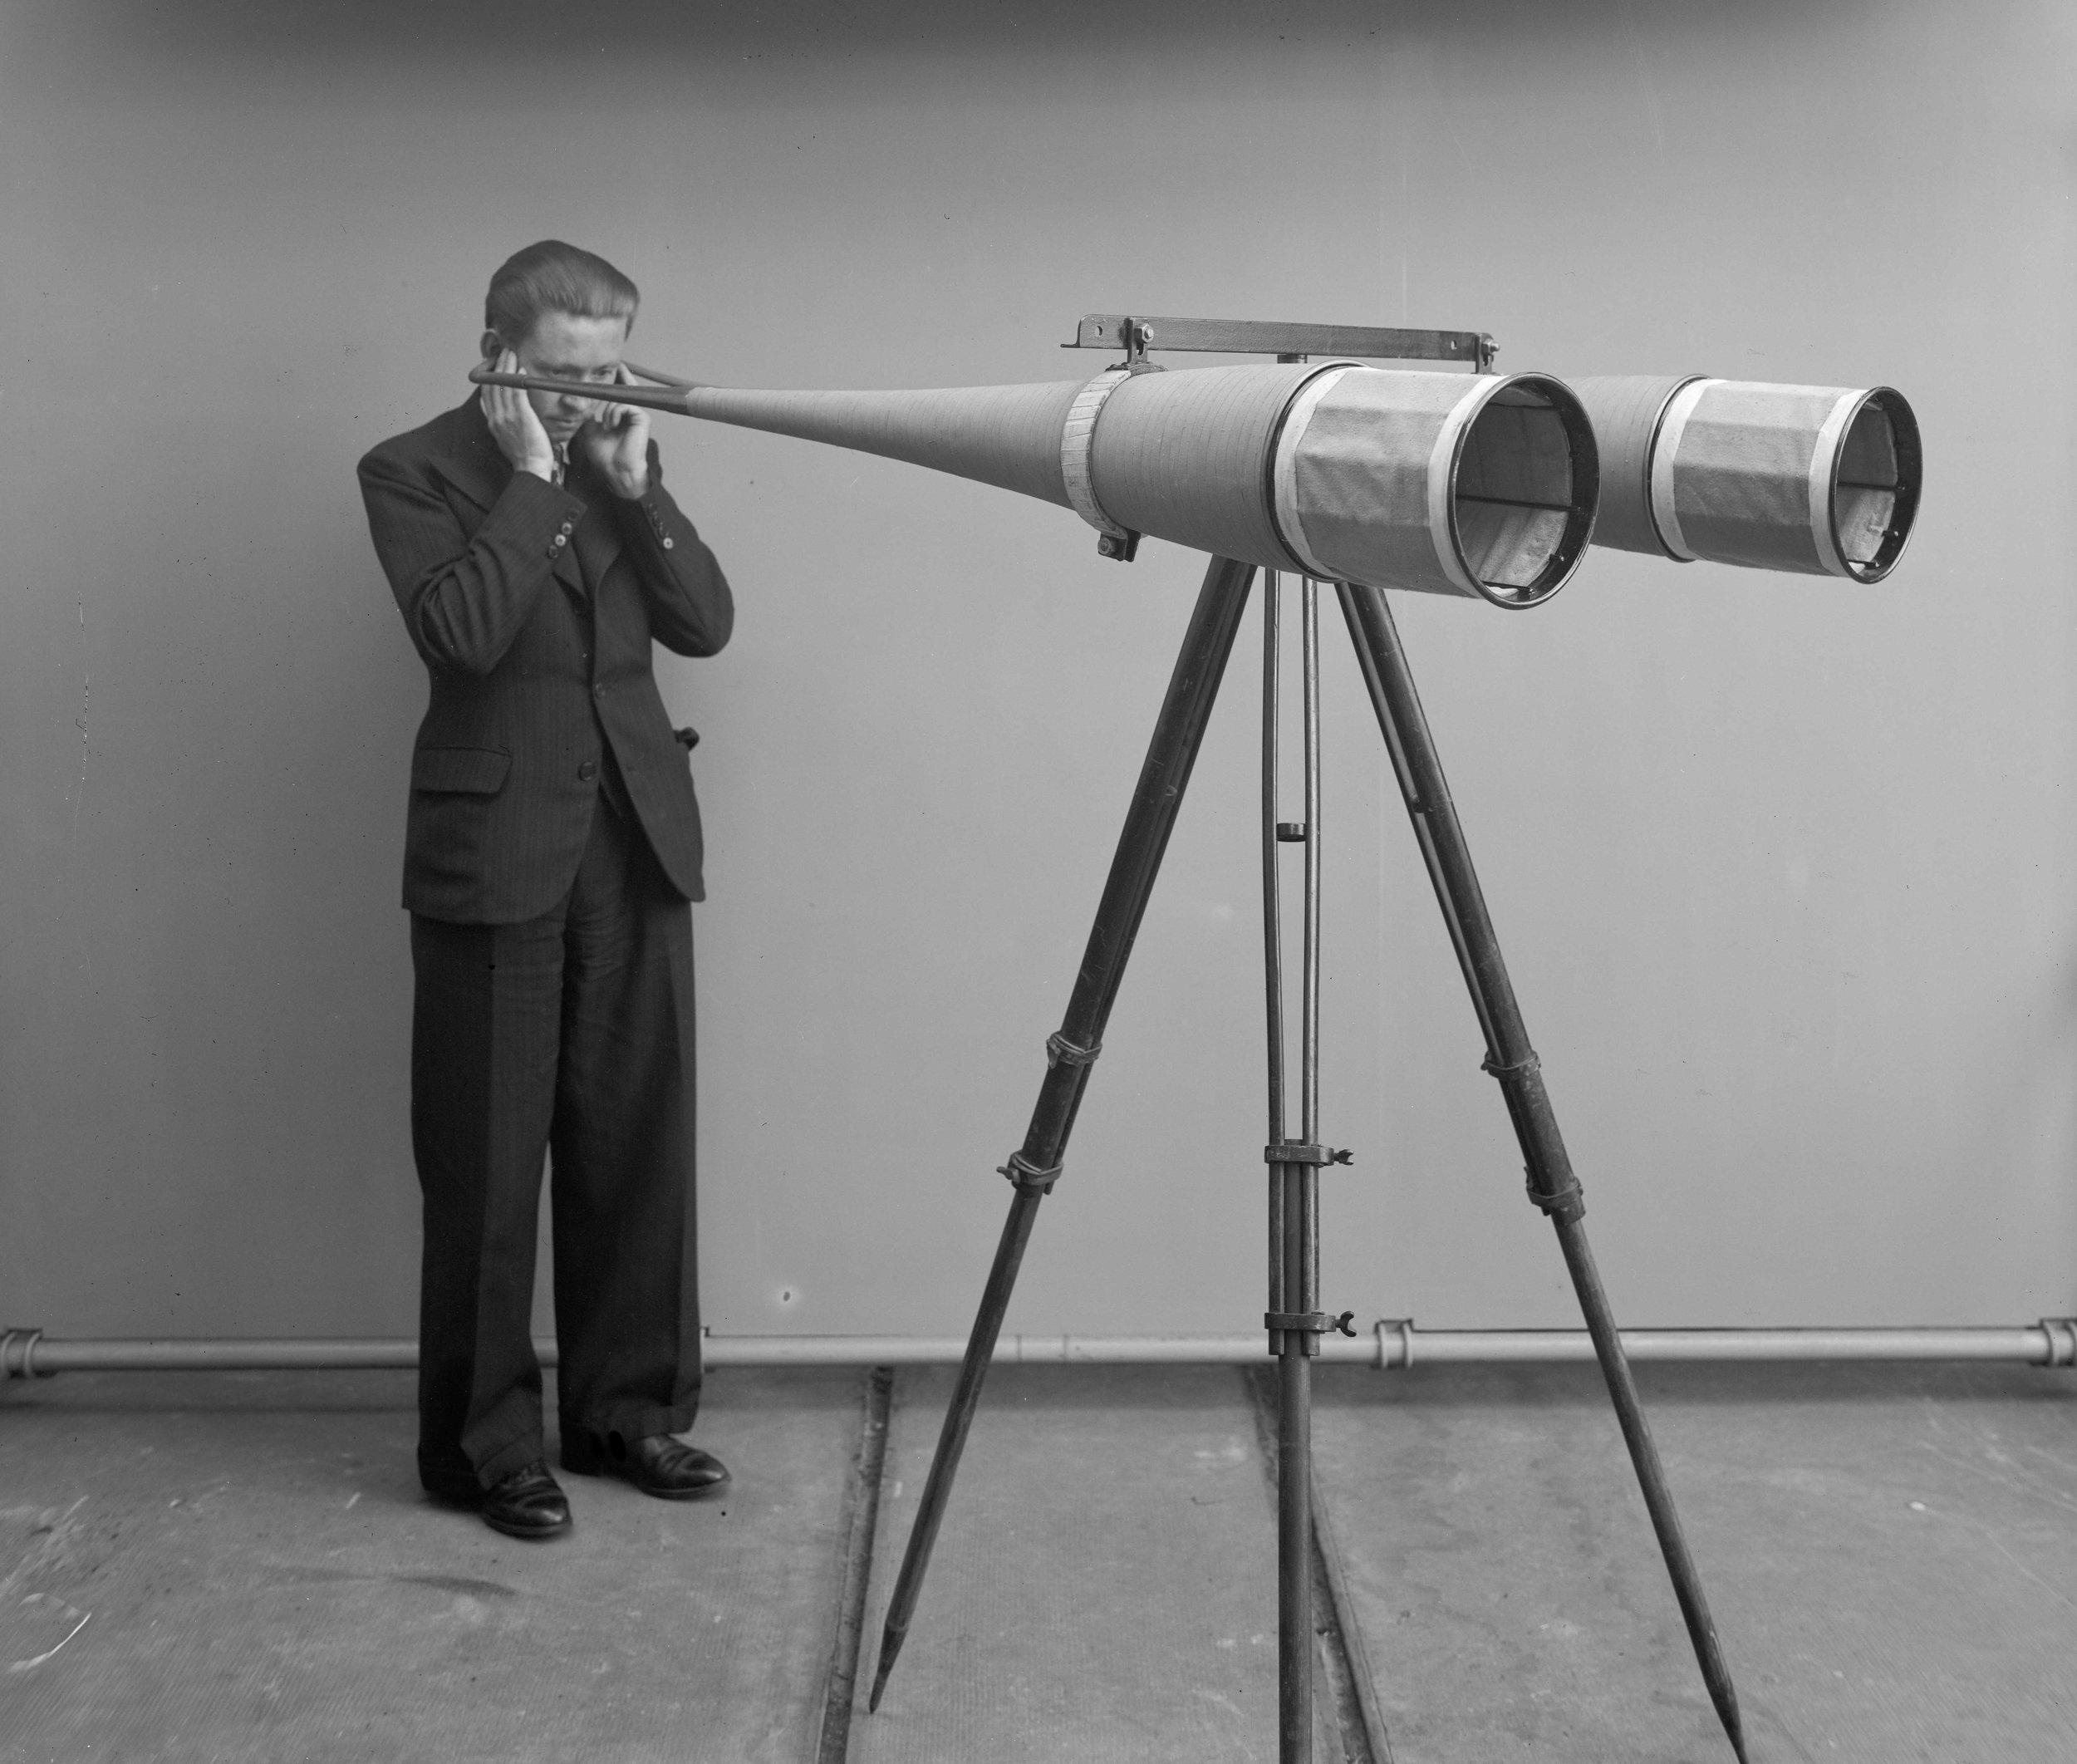 国家科学与工业研发办事处,乔治·马布布克斯的声号筒,用于航空器定位,1935年5月31日。现由法国国家科学研究中心收藏,A_3264。